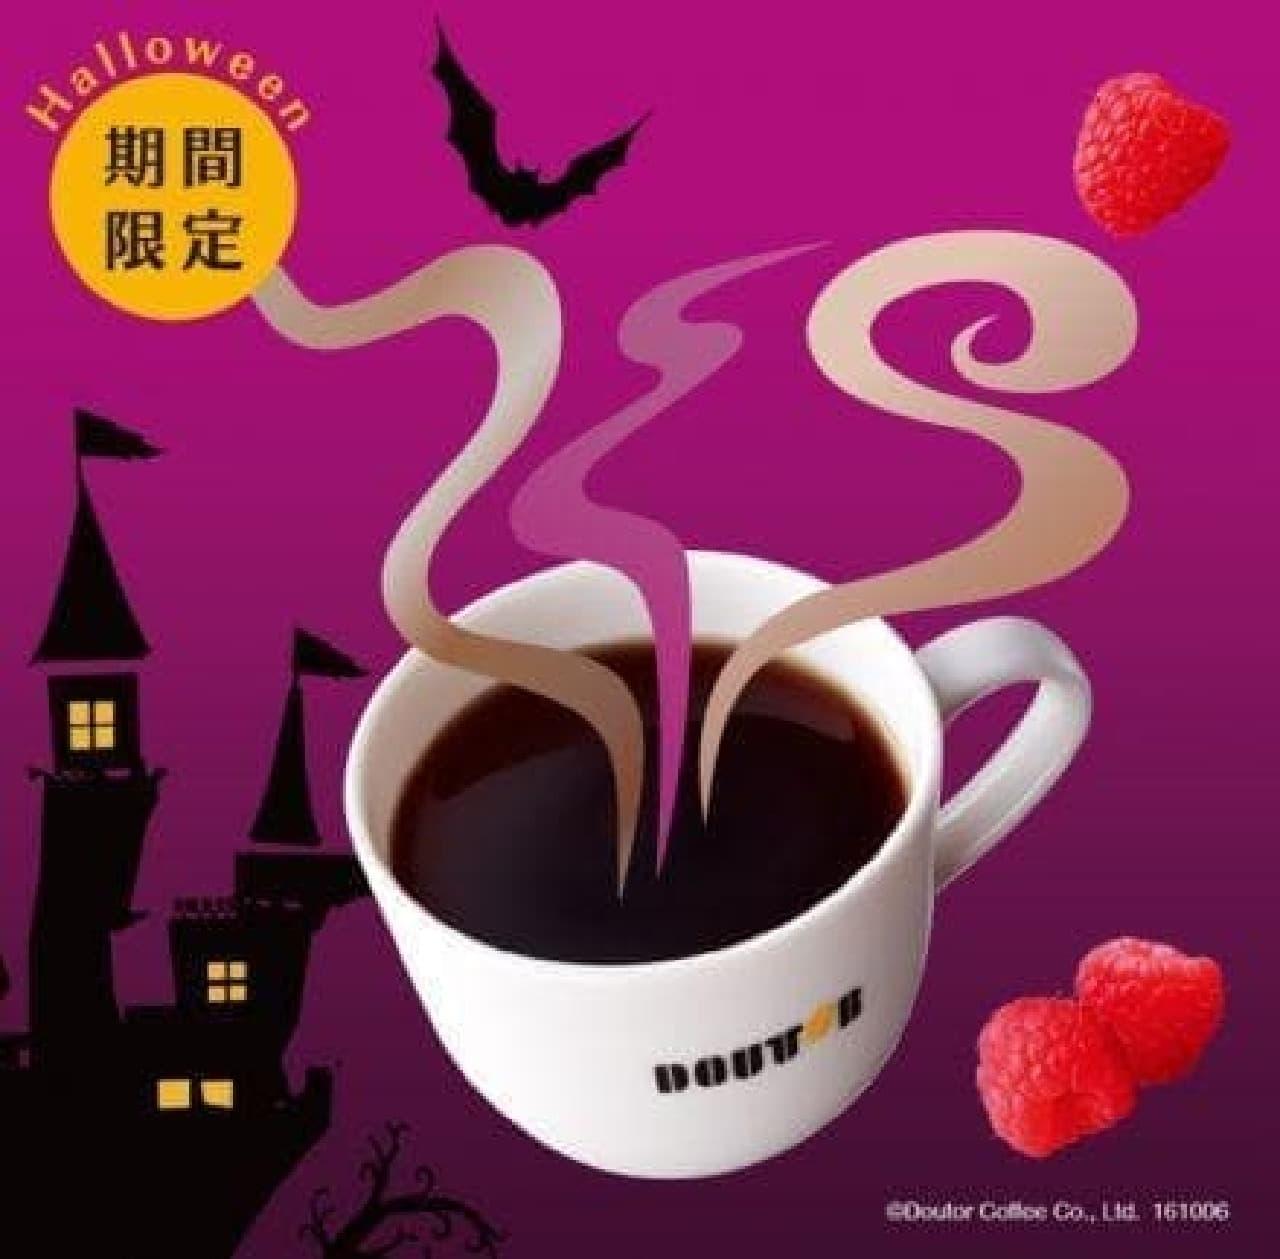 ドトールコーヒー「ラズベリー香るコーヒー」